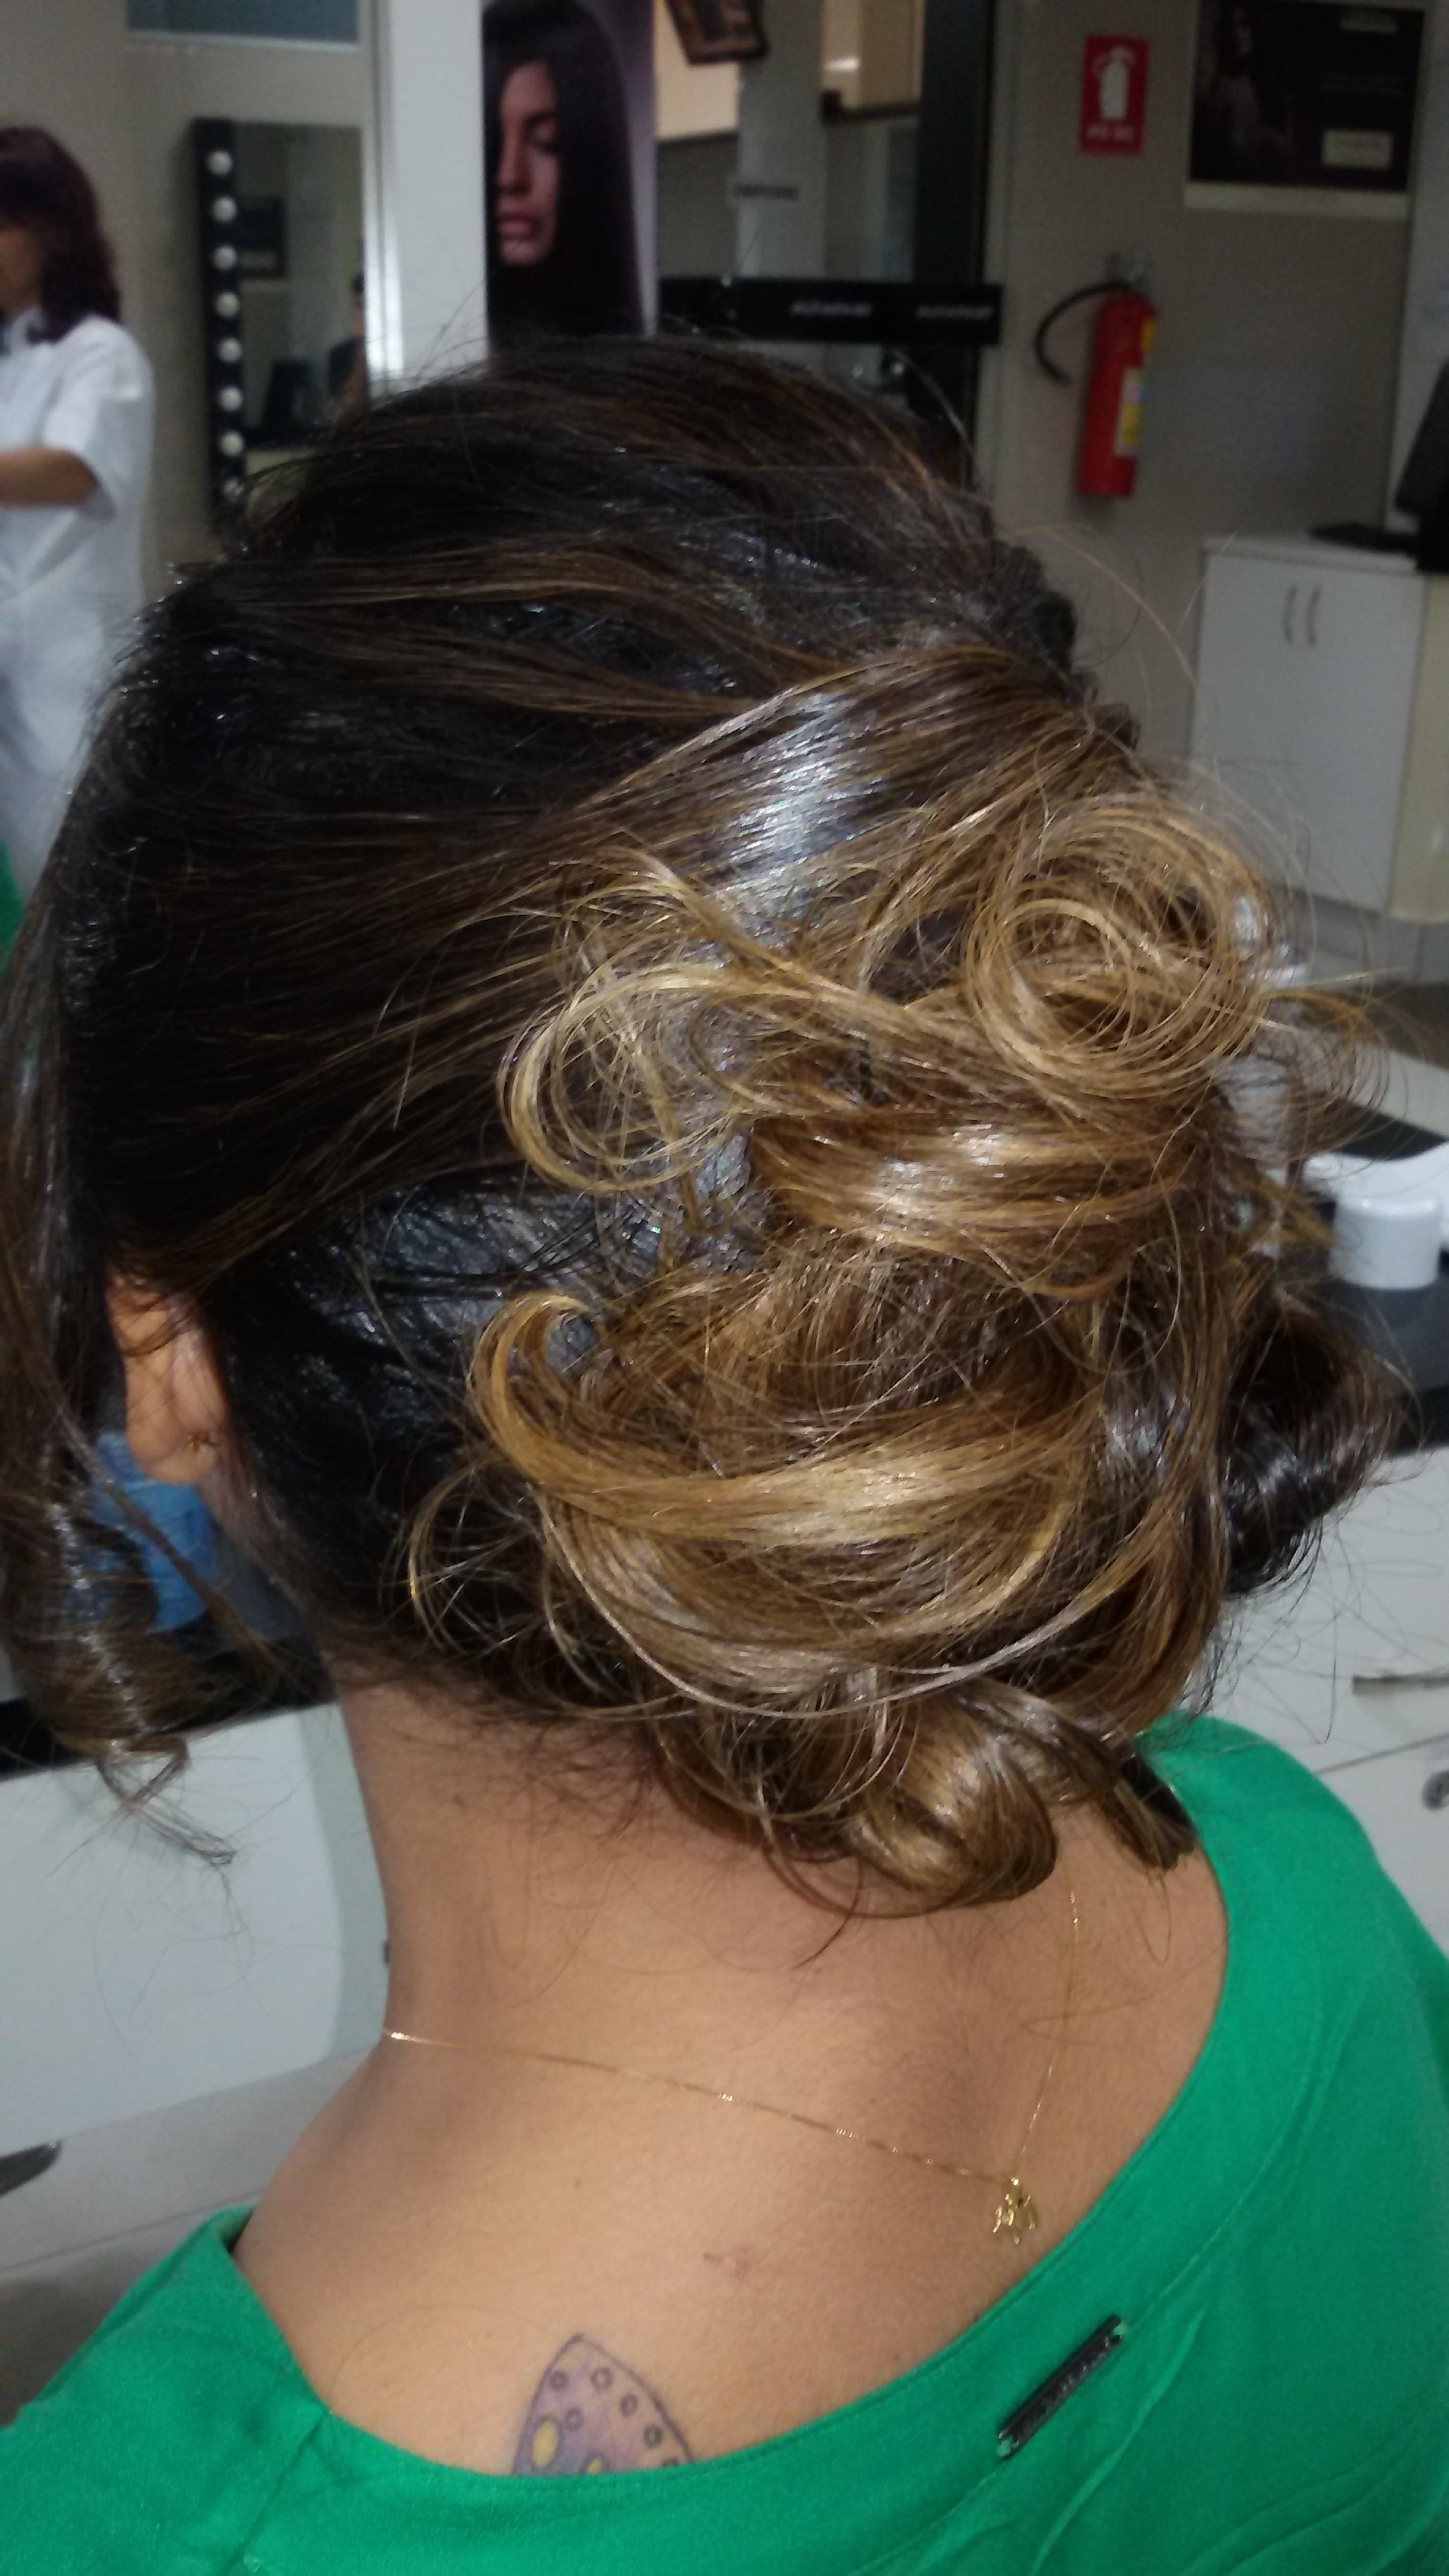 Trabalho de Vani Gomes.  Coque despojado. cabeleireiro(a) stylist maquiador(a) massagista visagista